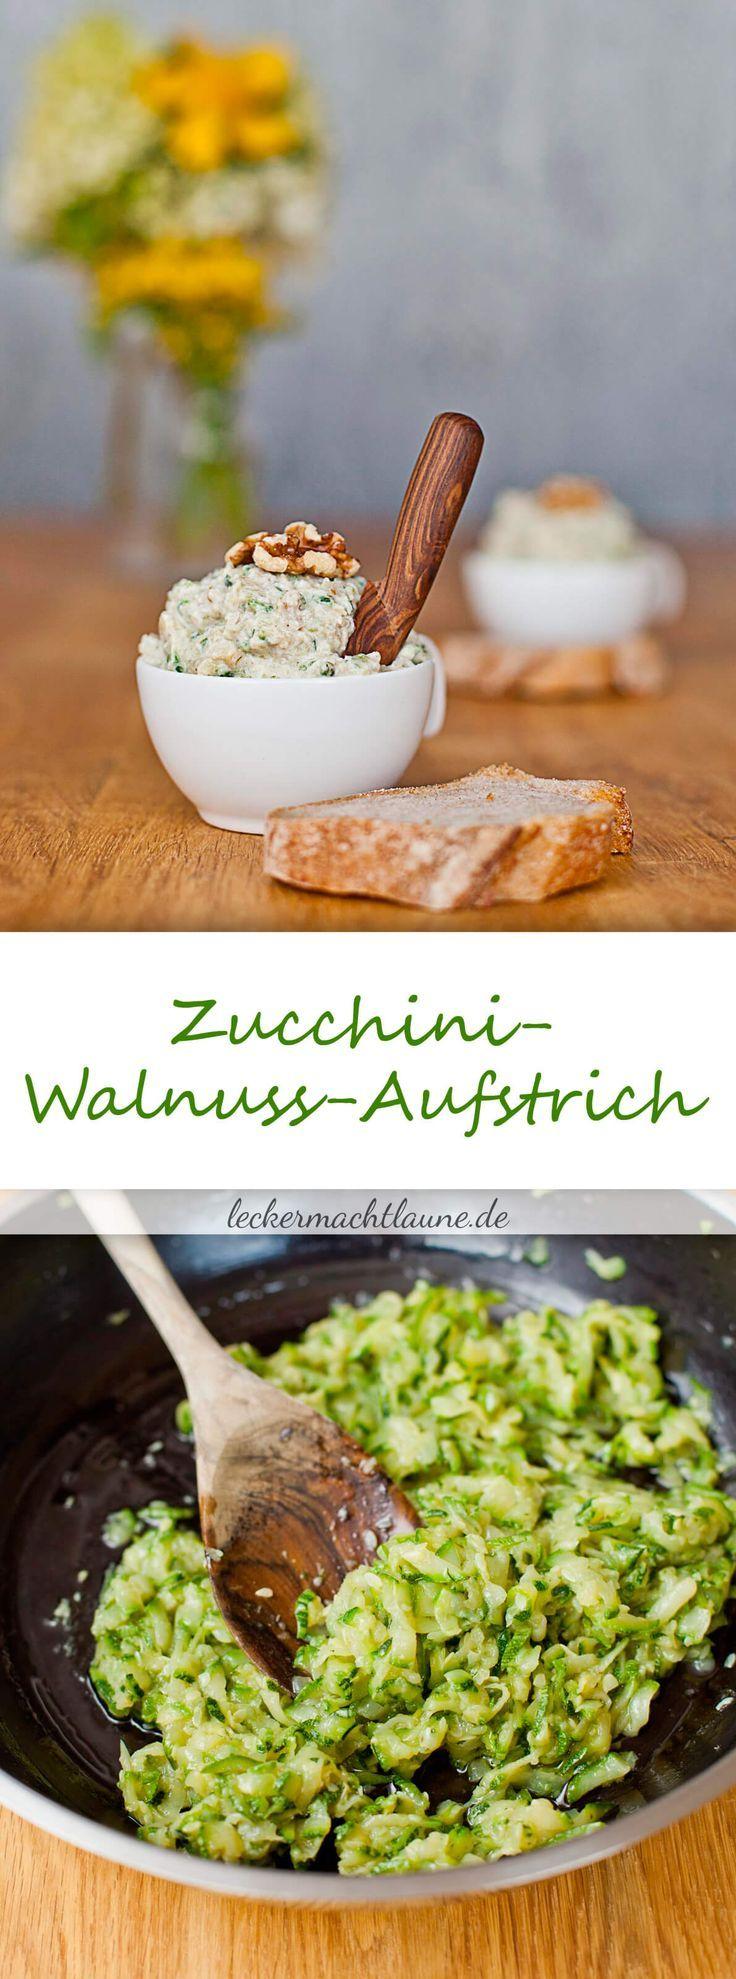 zucchini walnuss aufstrich zucchiniwoche rezepte dips. Black Bedroom Furniture Sets. Home Design Ideas